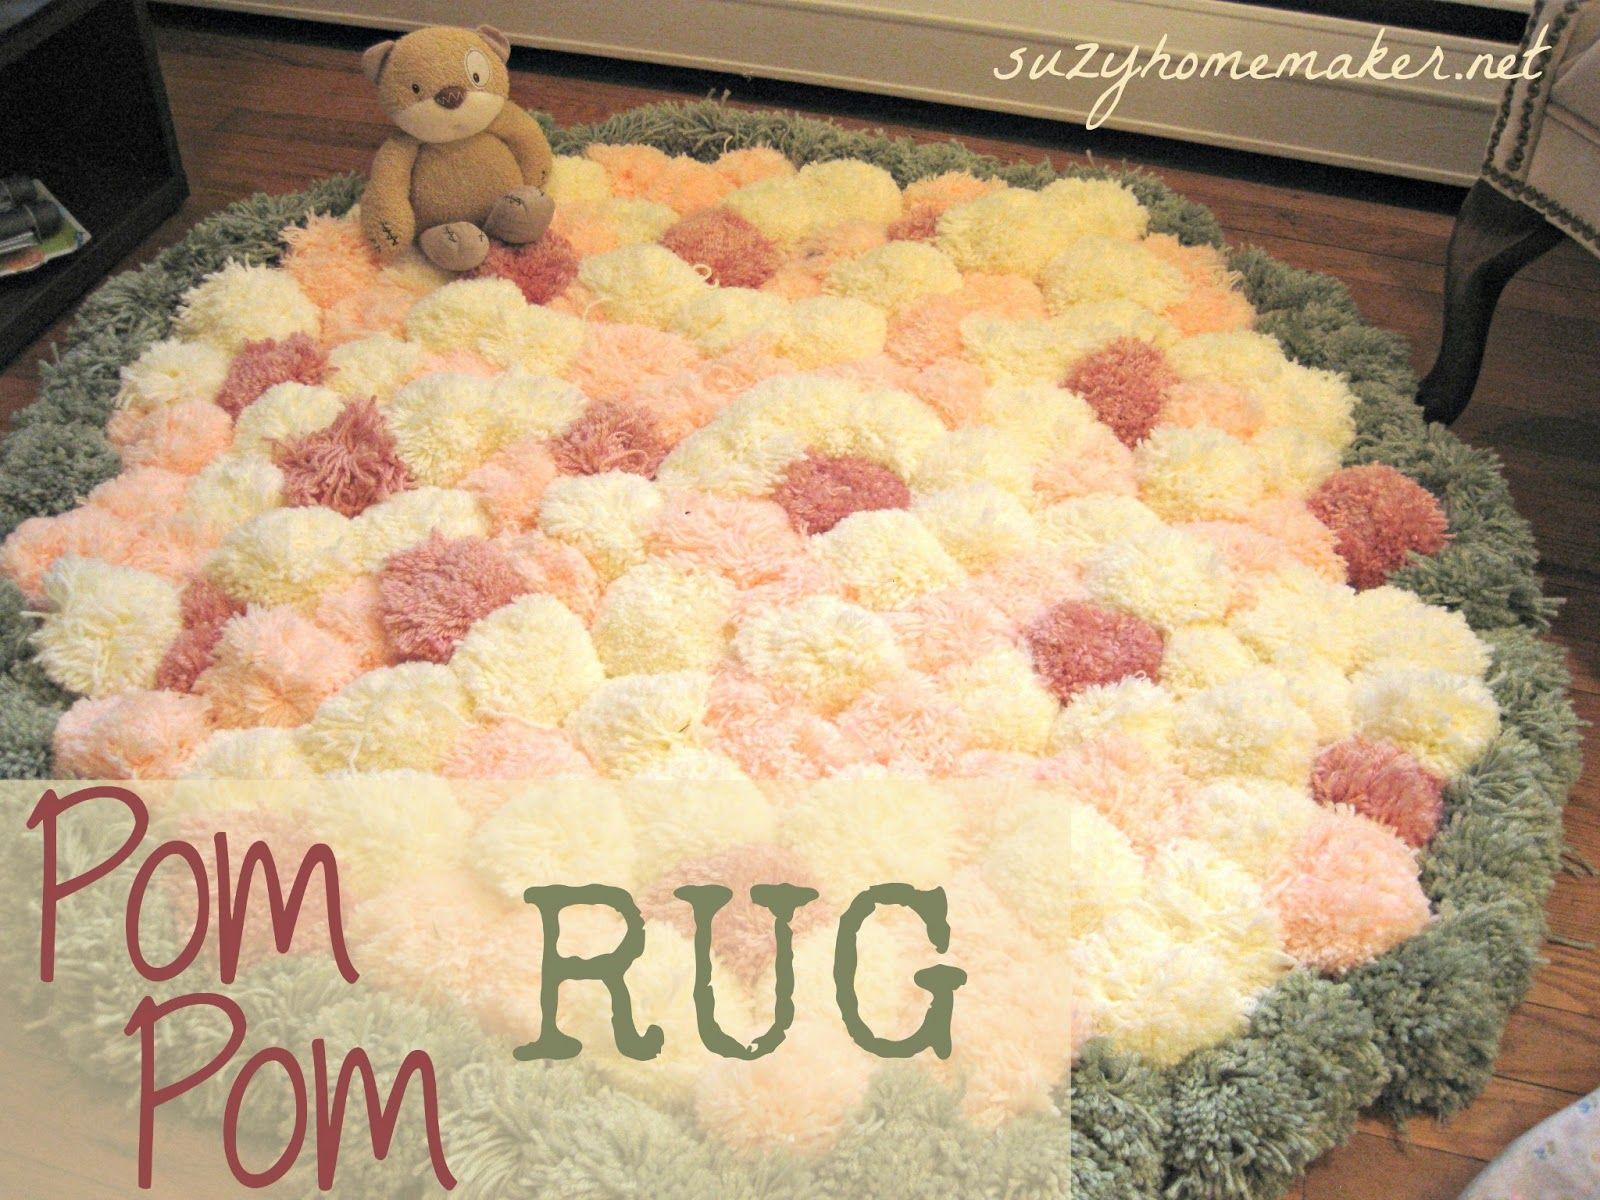 Pom Pom Rugs Are A Super Easy DIY To Try Pom Pom Rug Super Easy - Diy rugs projects